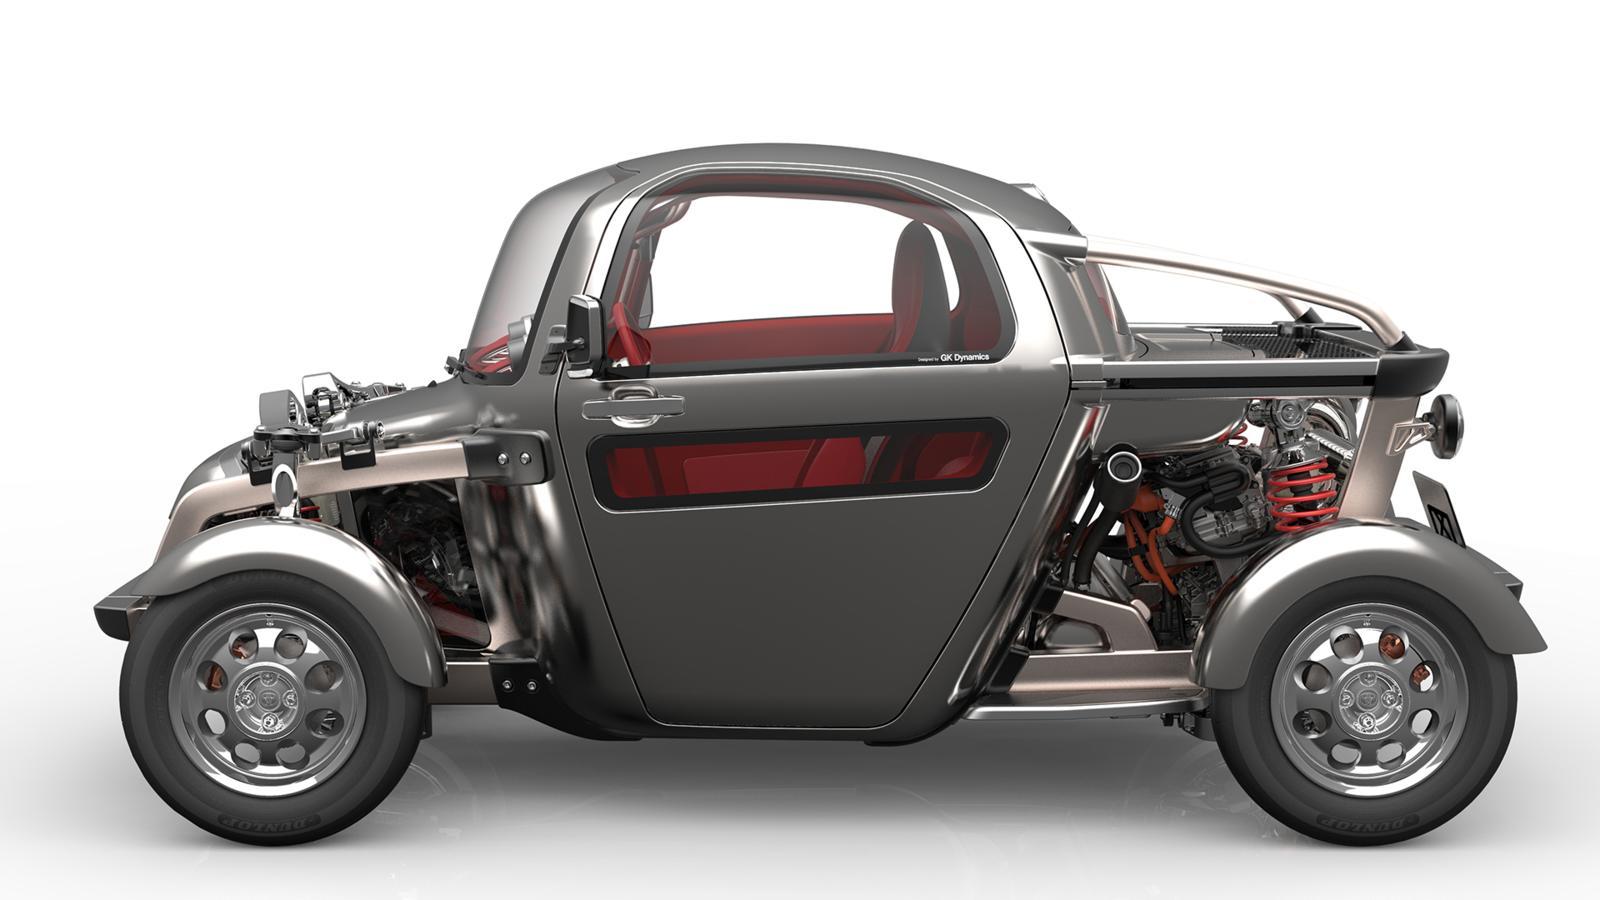 Toyota Kikai 2015 Concept Car-3